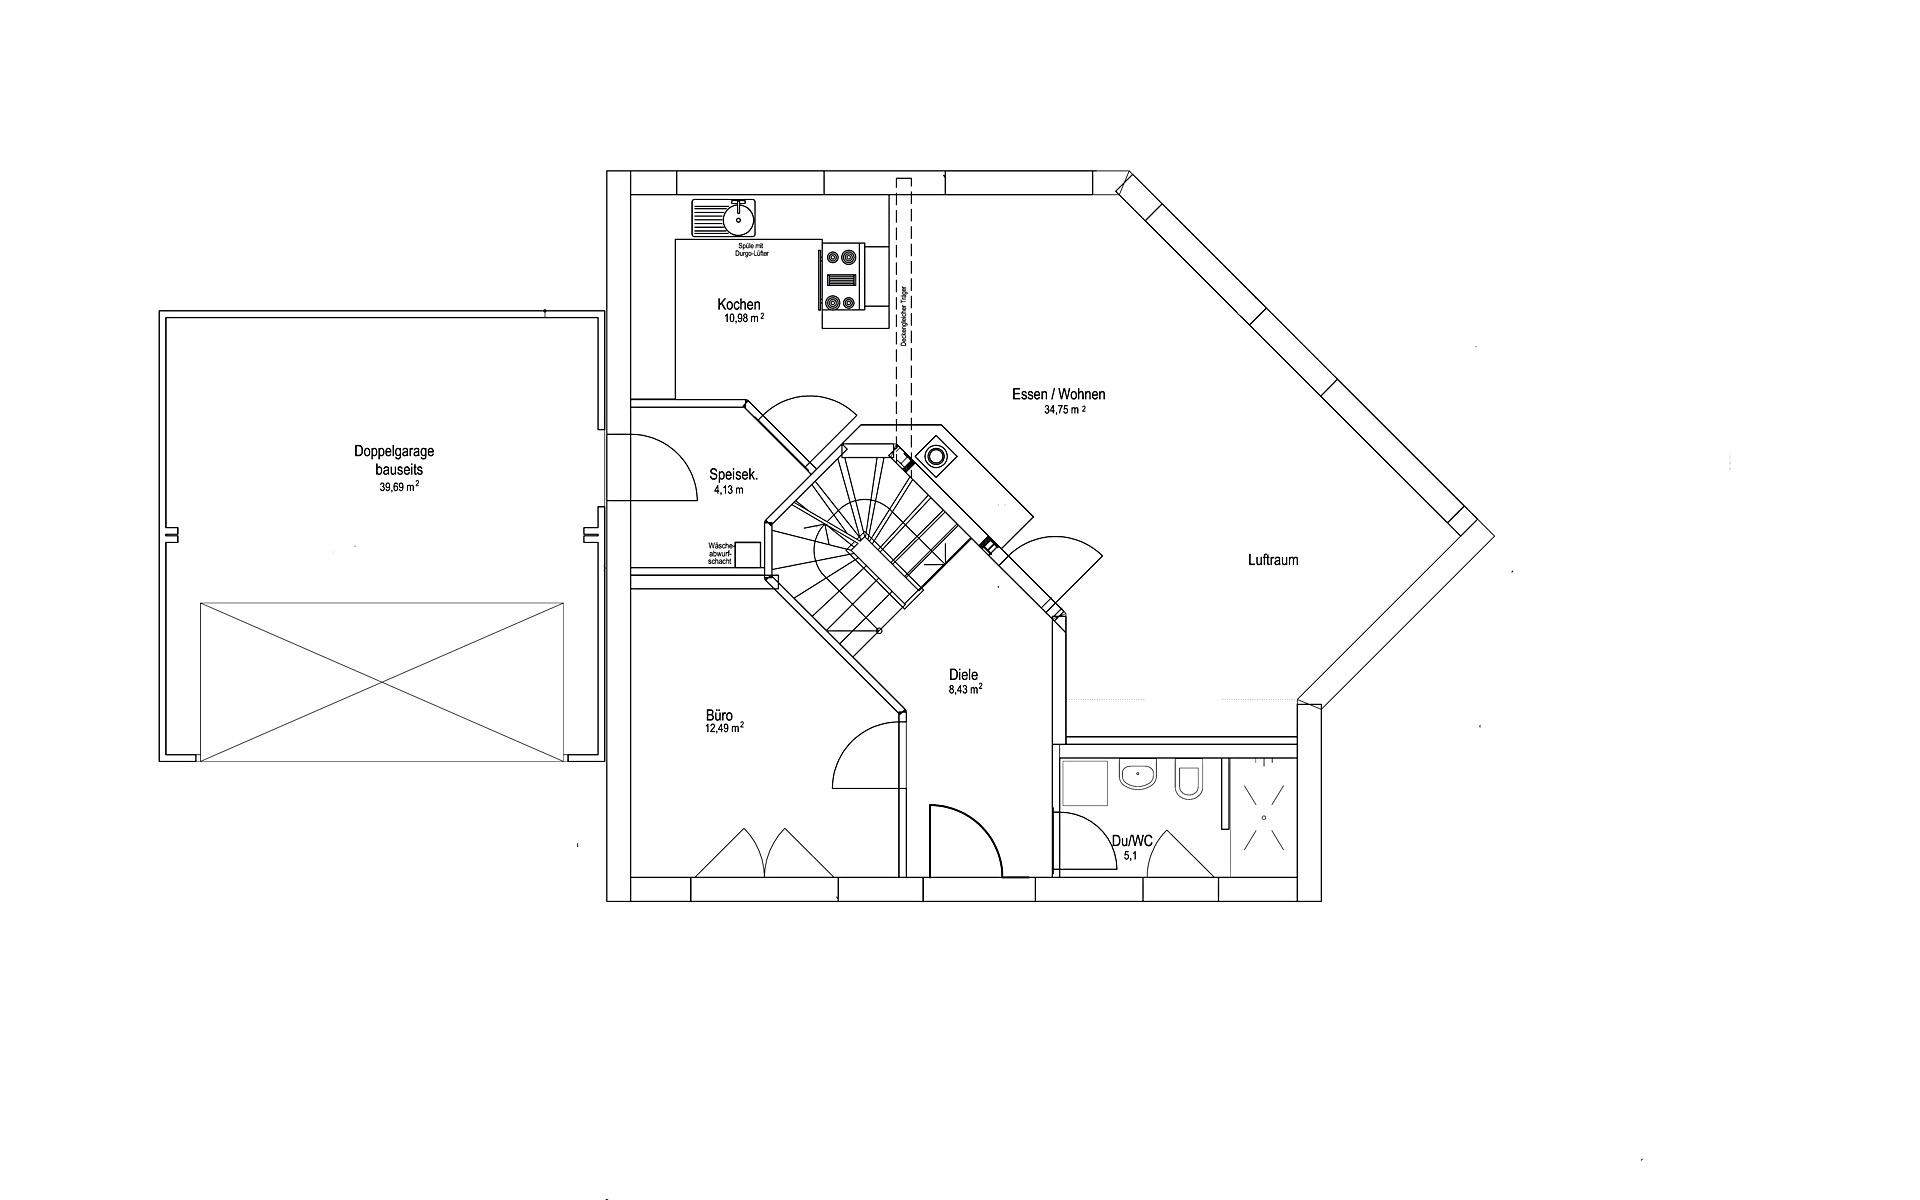 Erdgeschoss Satteldach Landhaus 144 von LUXHAUS Vertrieb GmbH & Co. KG